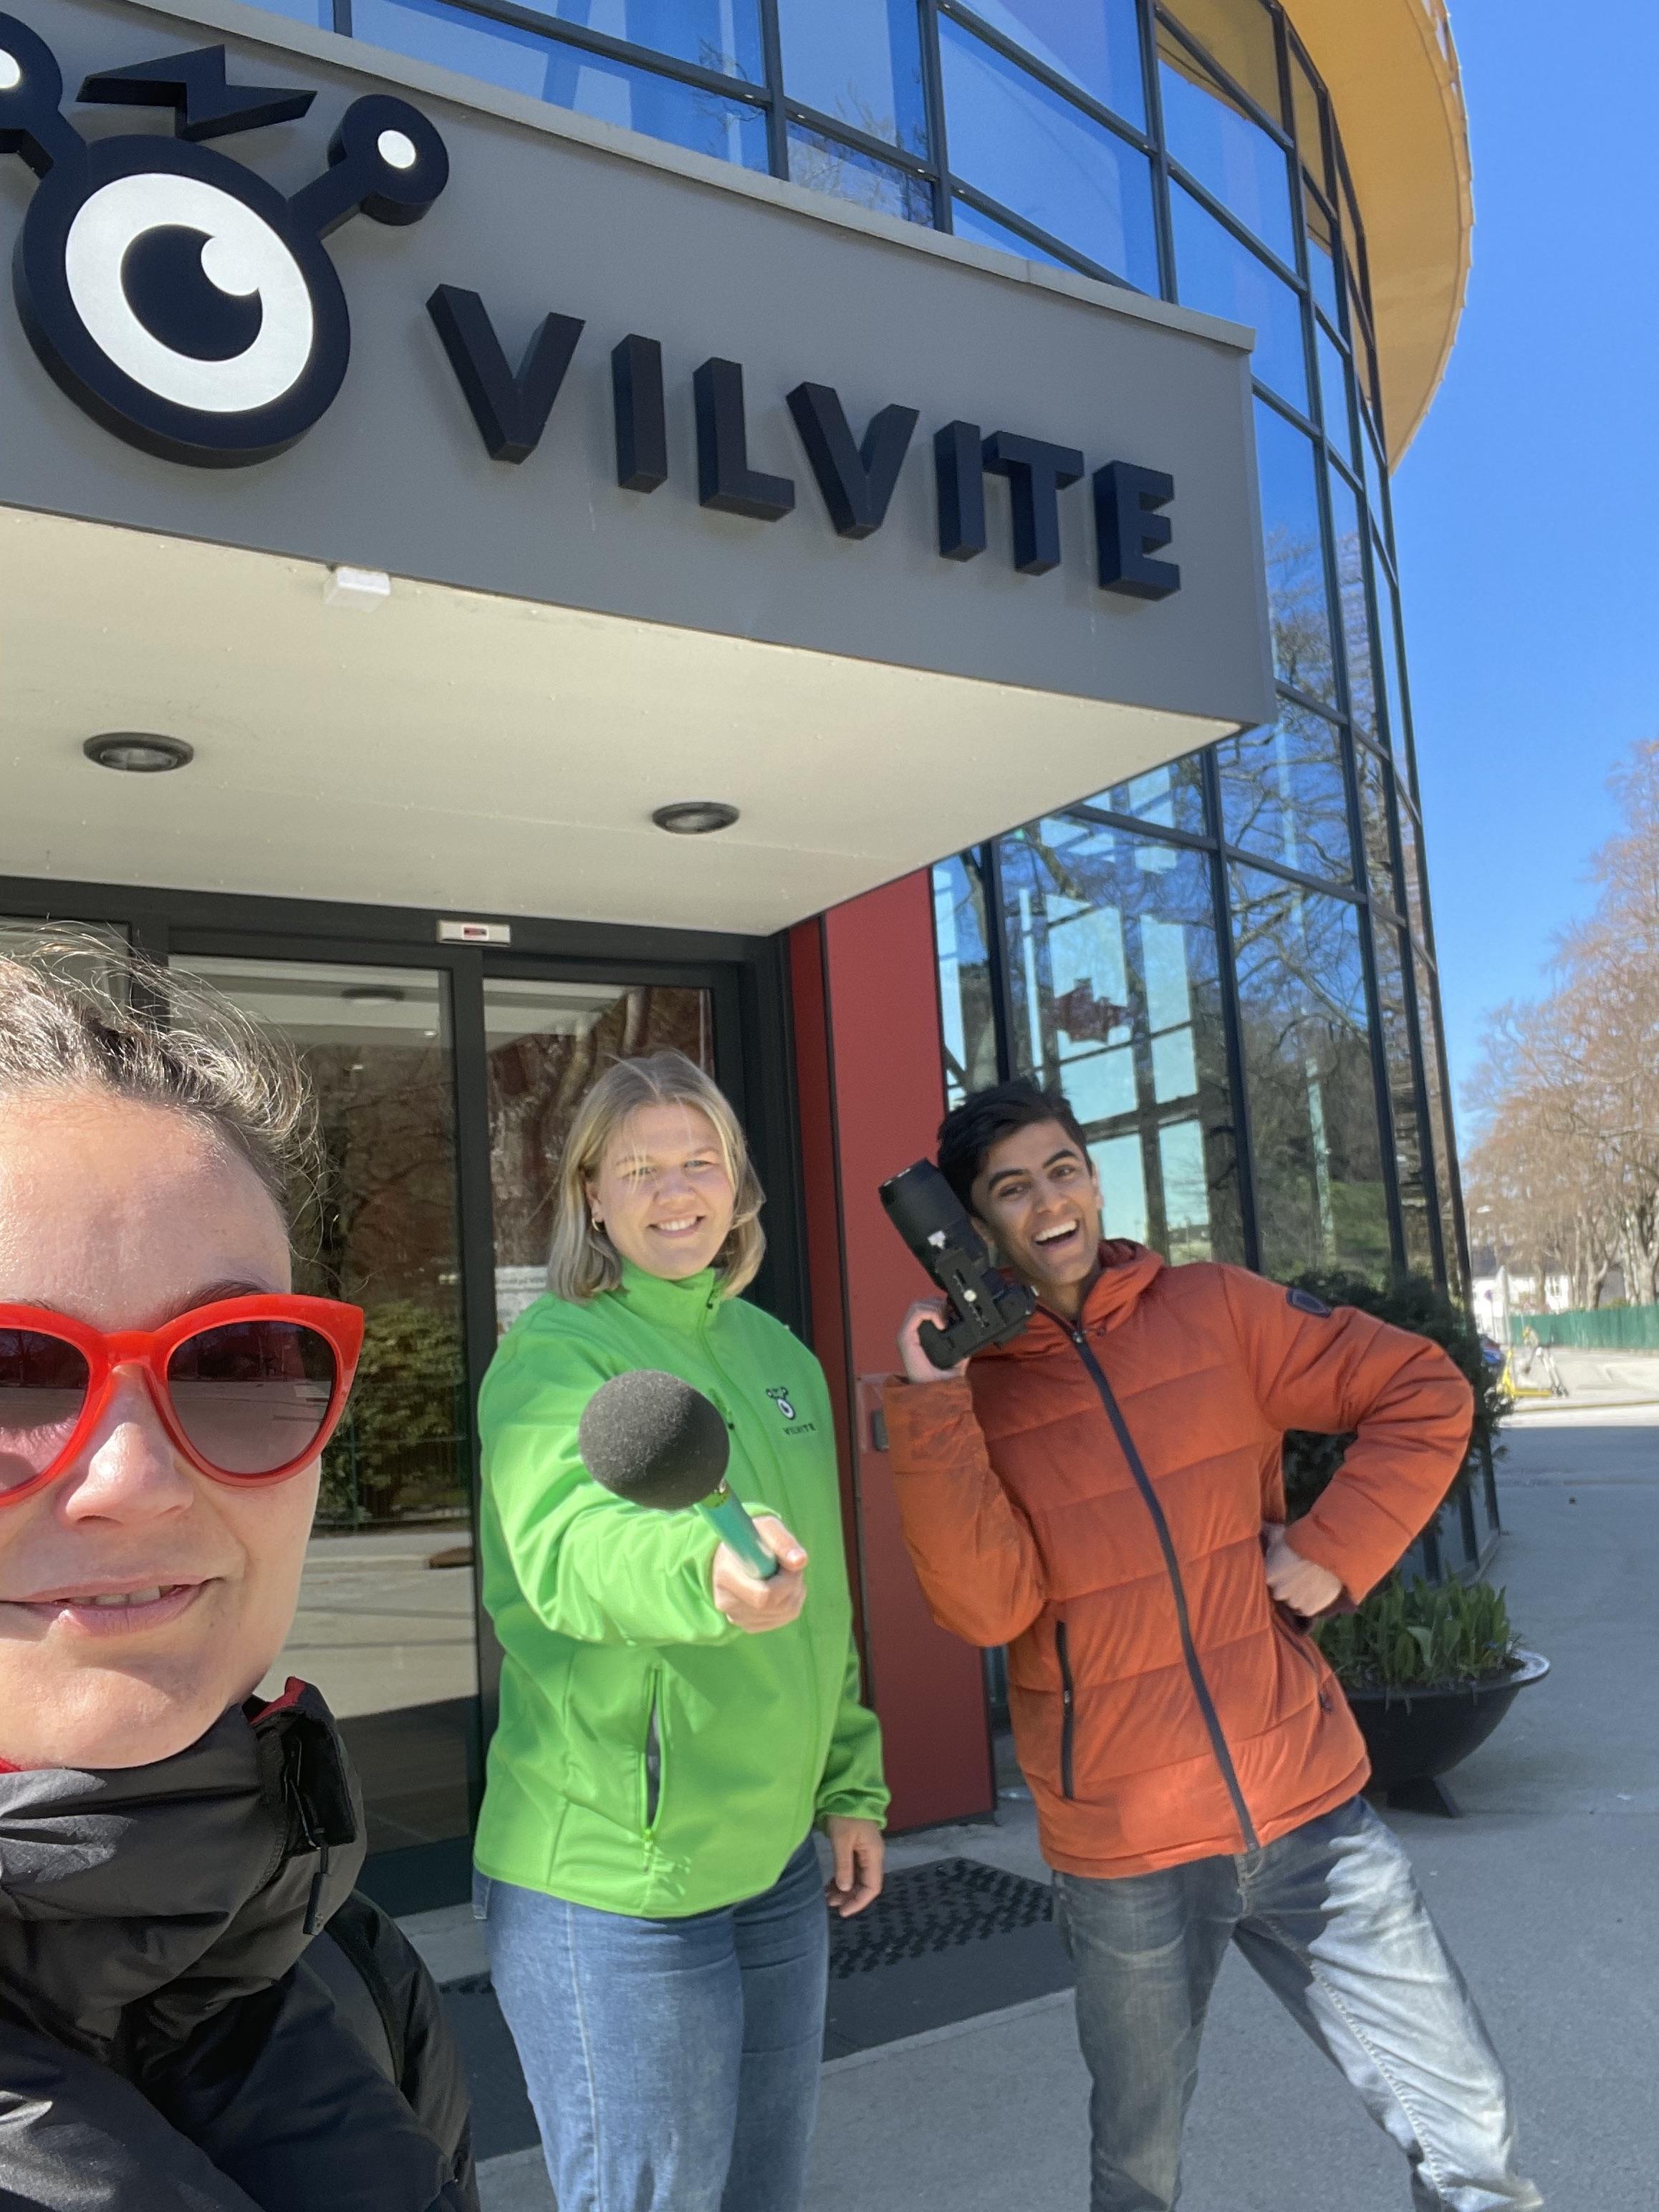 Aktivitetstilbud for VilVite